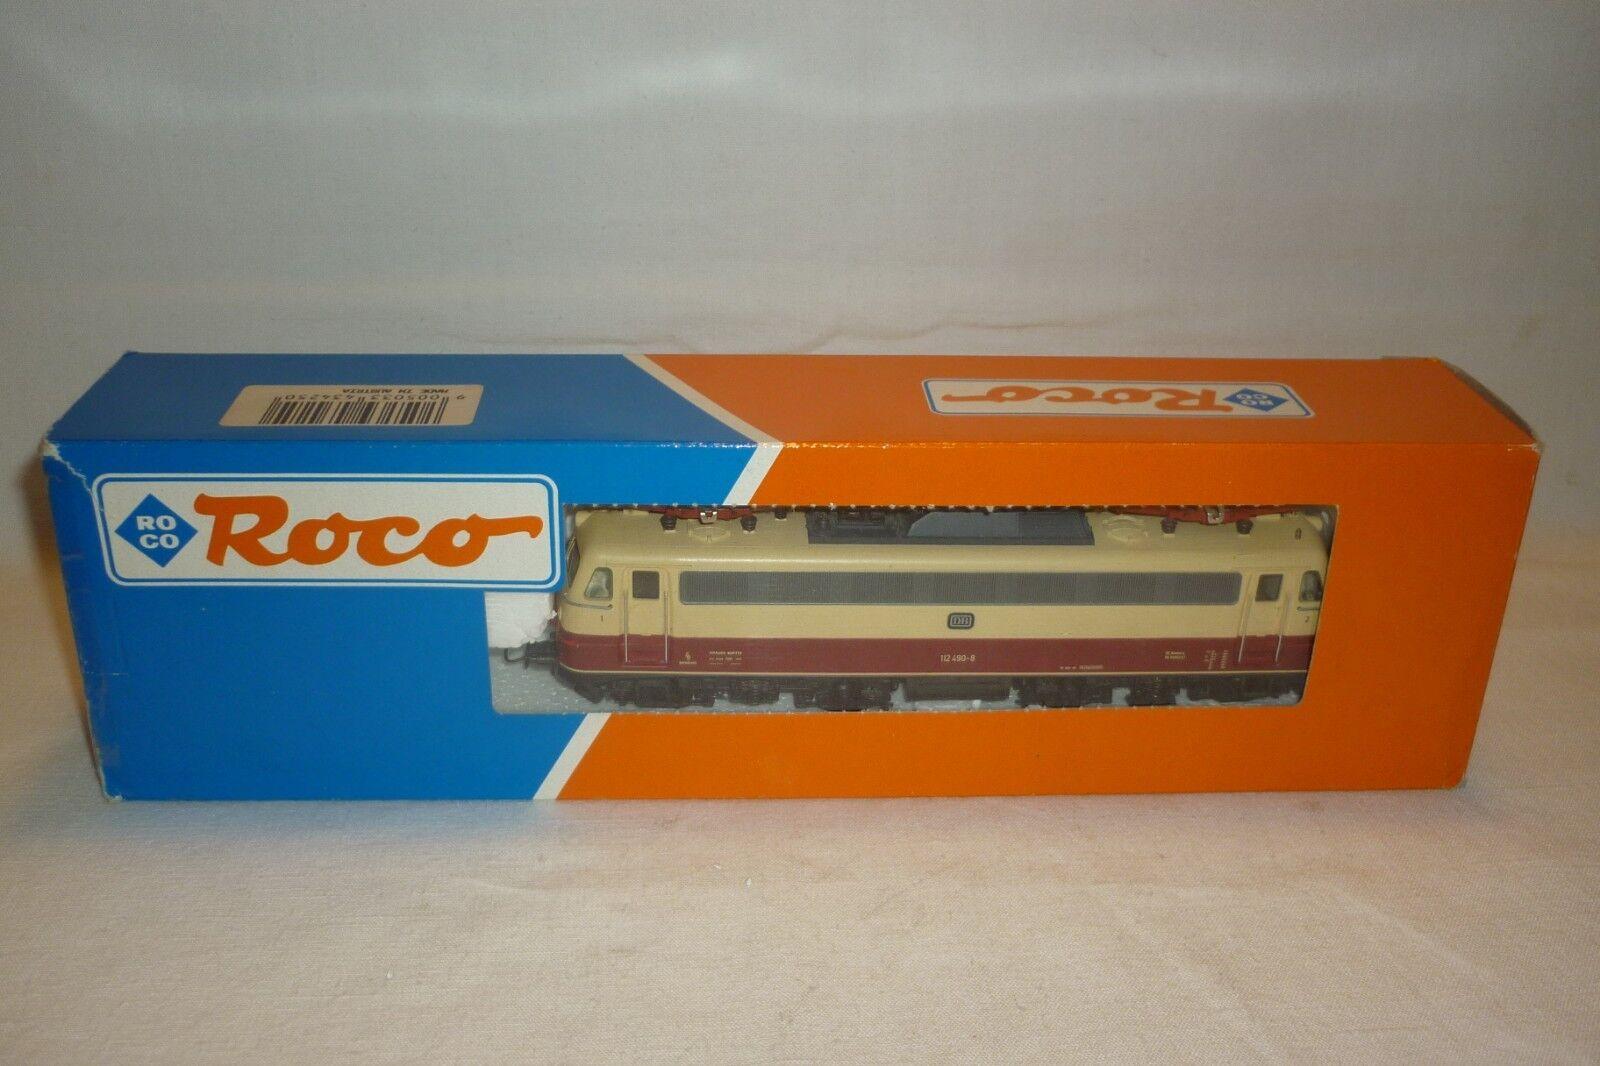 Roco - Escala H0-43425 - Locomotora Eléctrica Db 112 490-8 Emb.orig (8.ei-110)